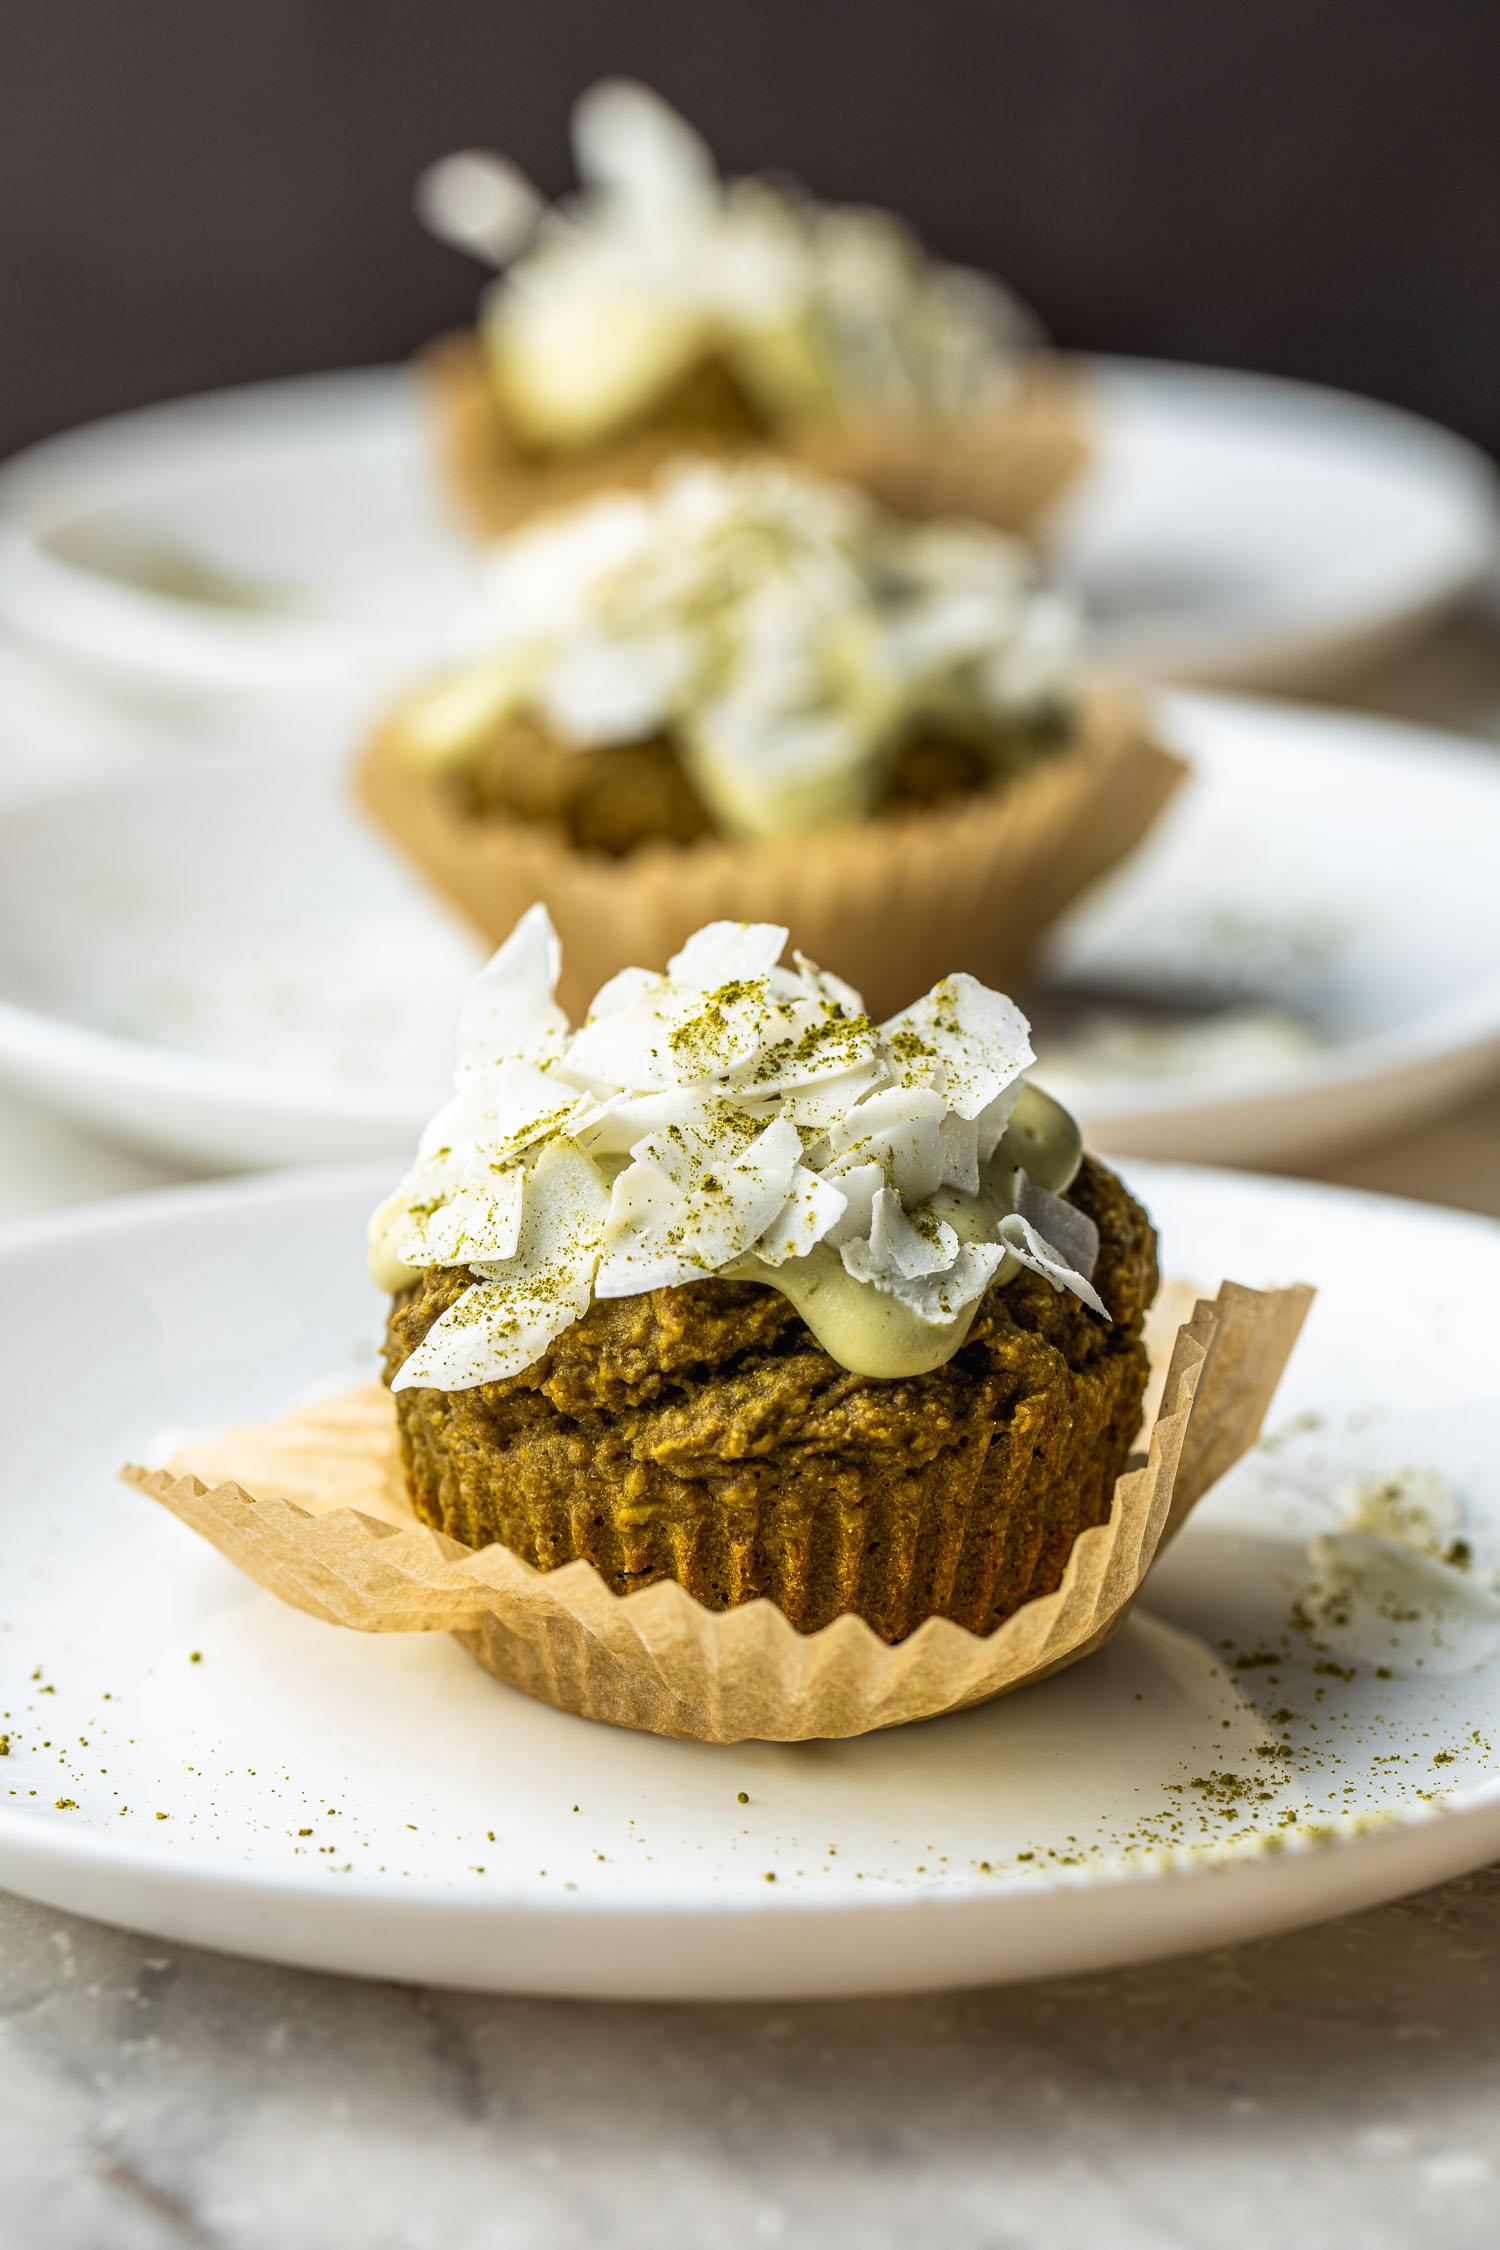 healthy dessert, vegan, green tea, matcha, muffins